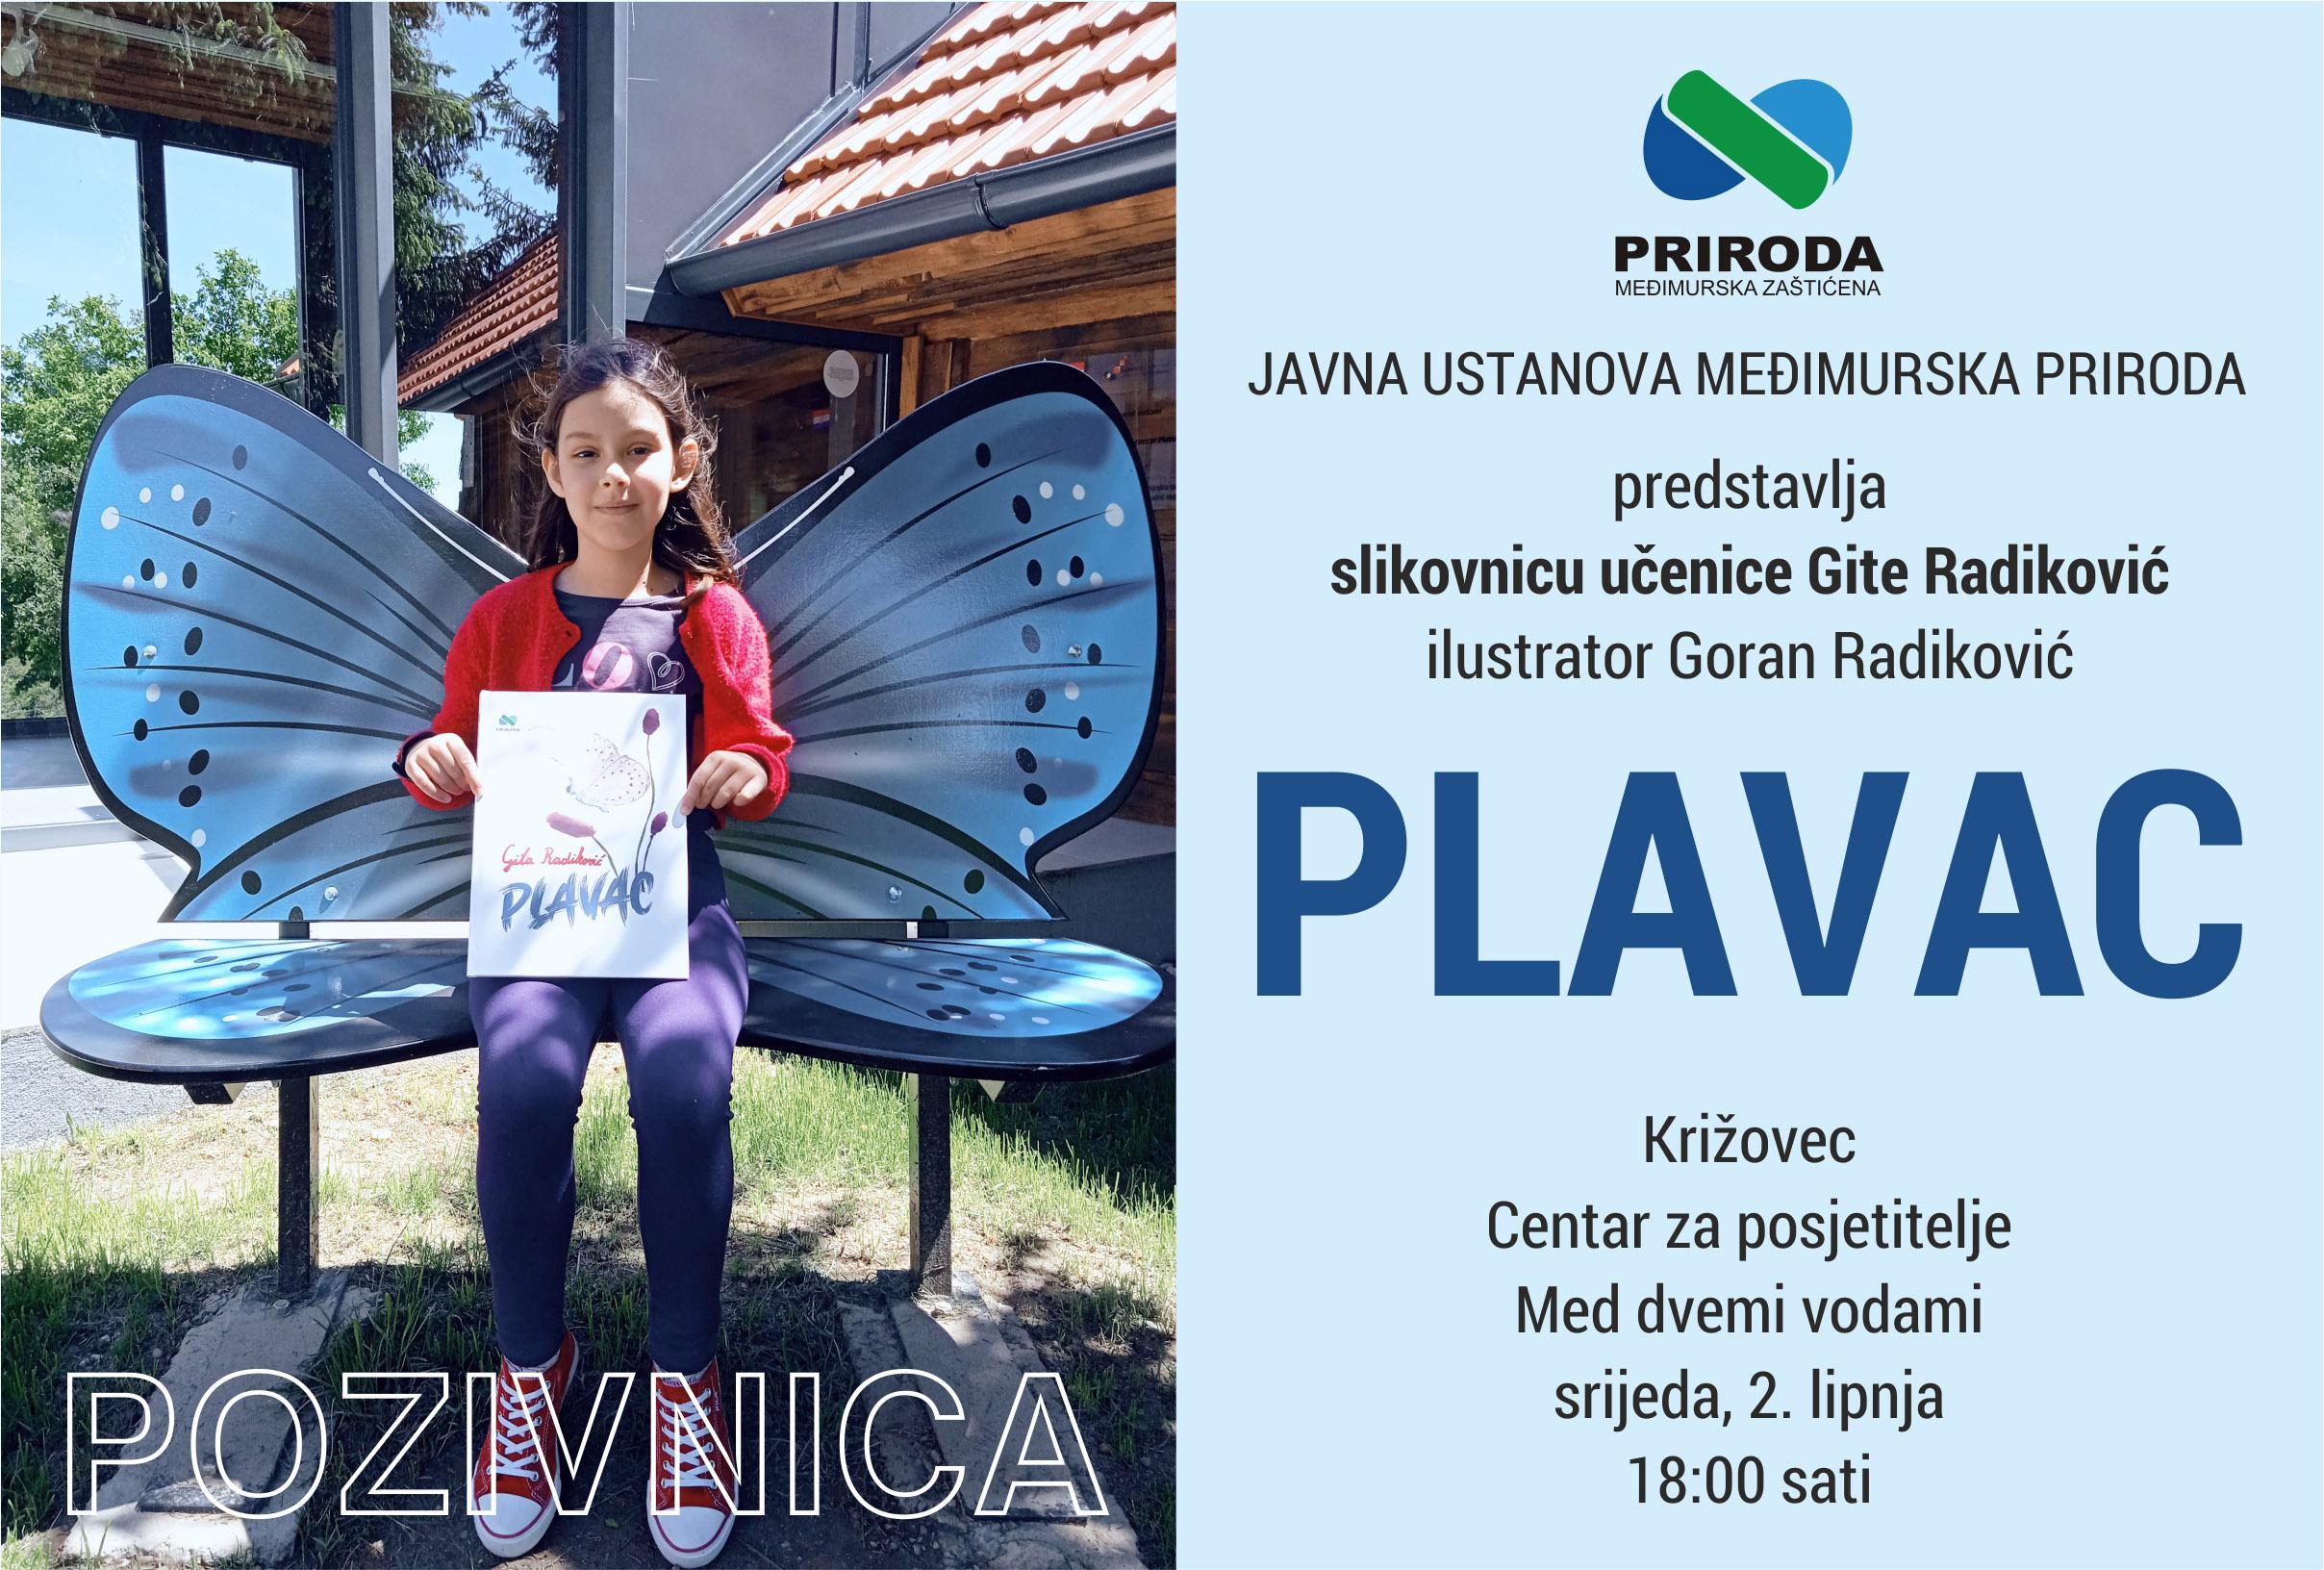 Pozivnica Plavac